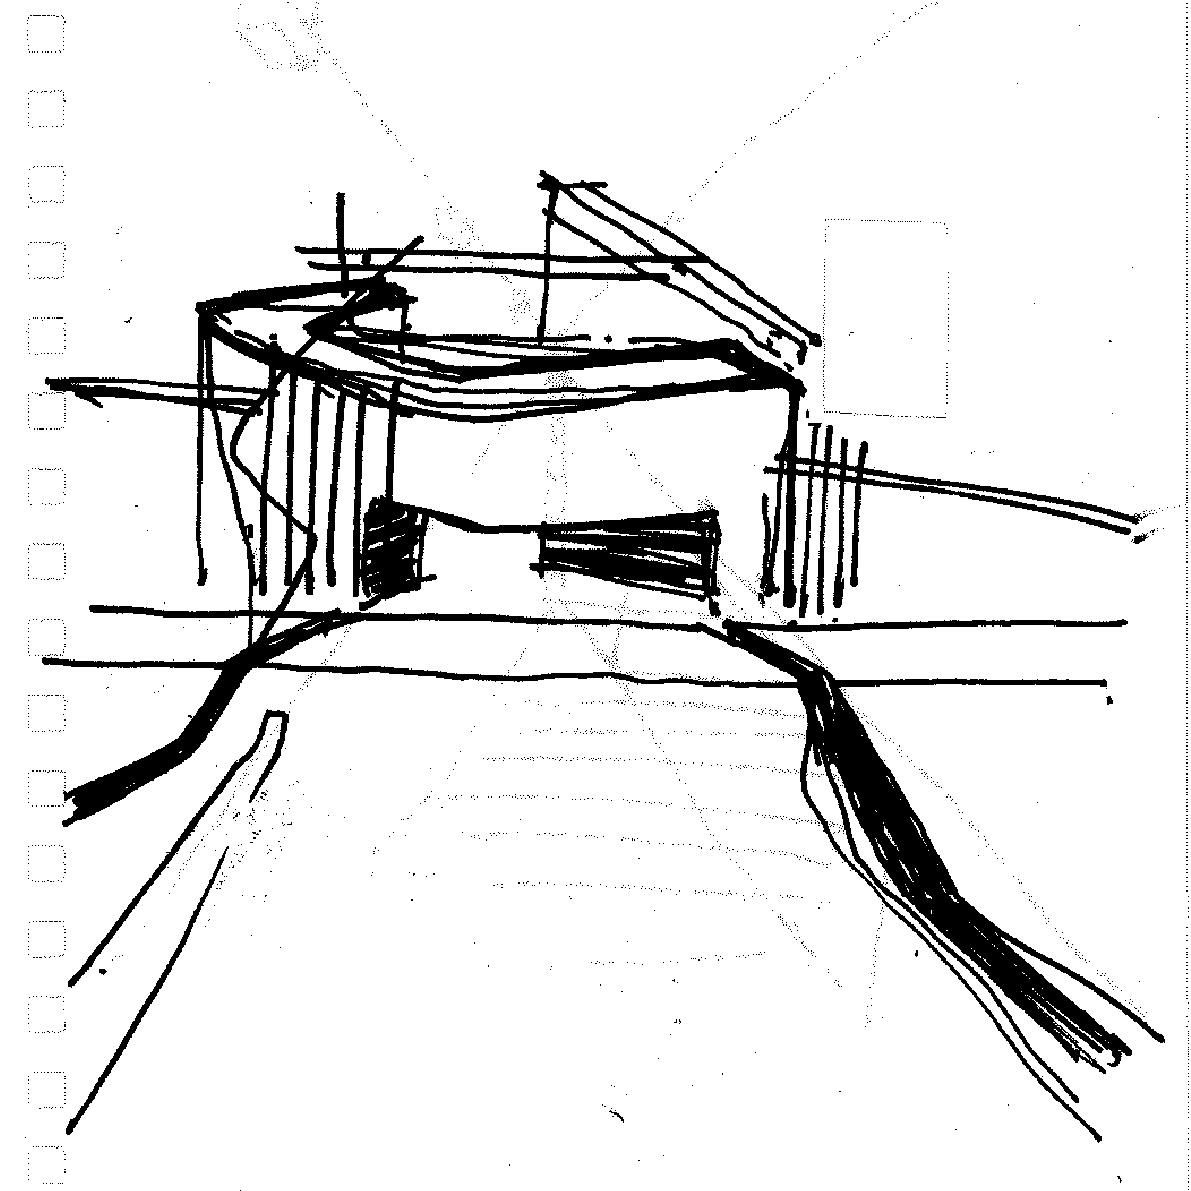 Subterranea Sketches 21-23